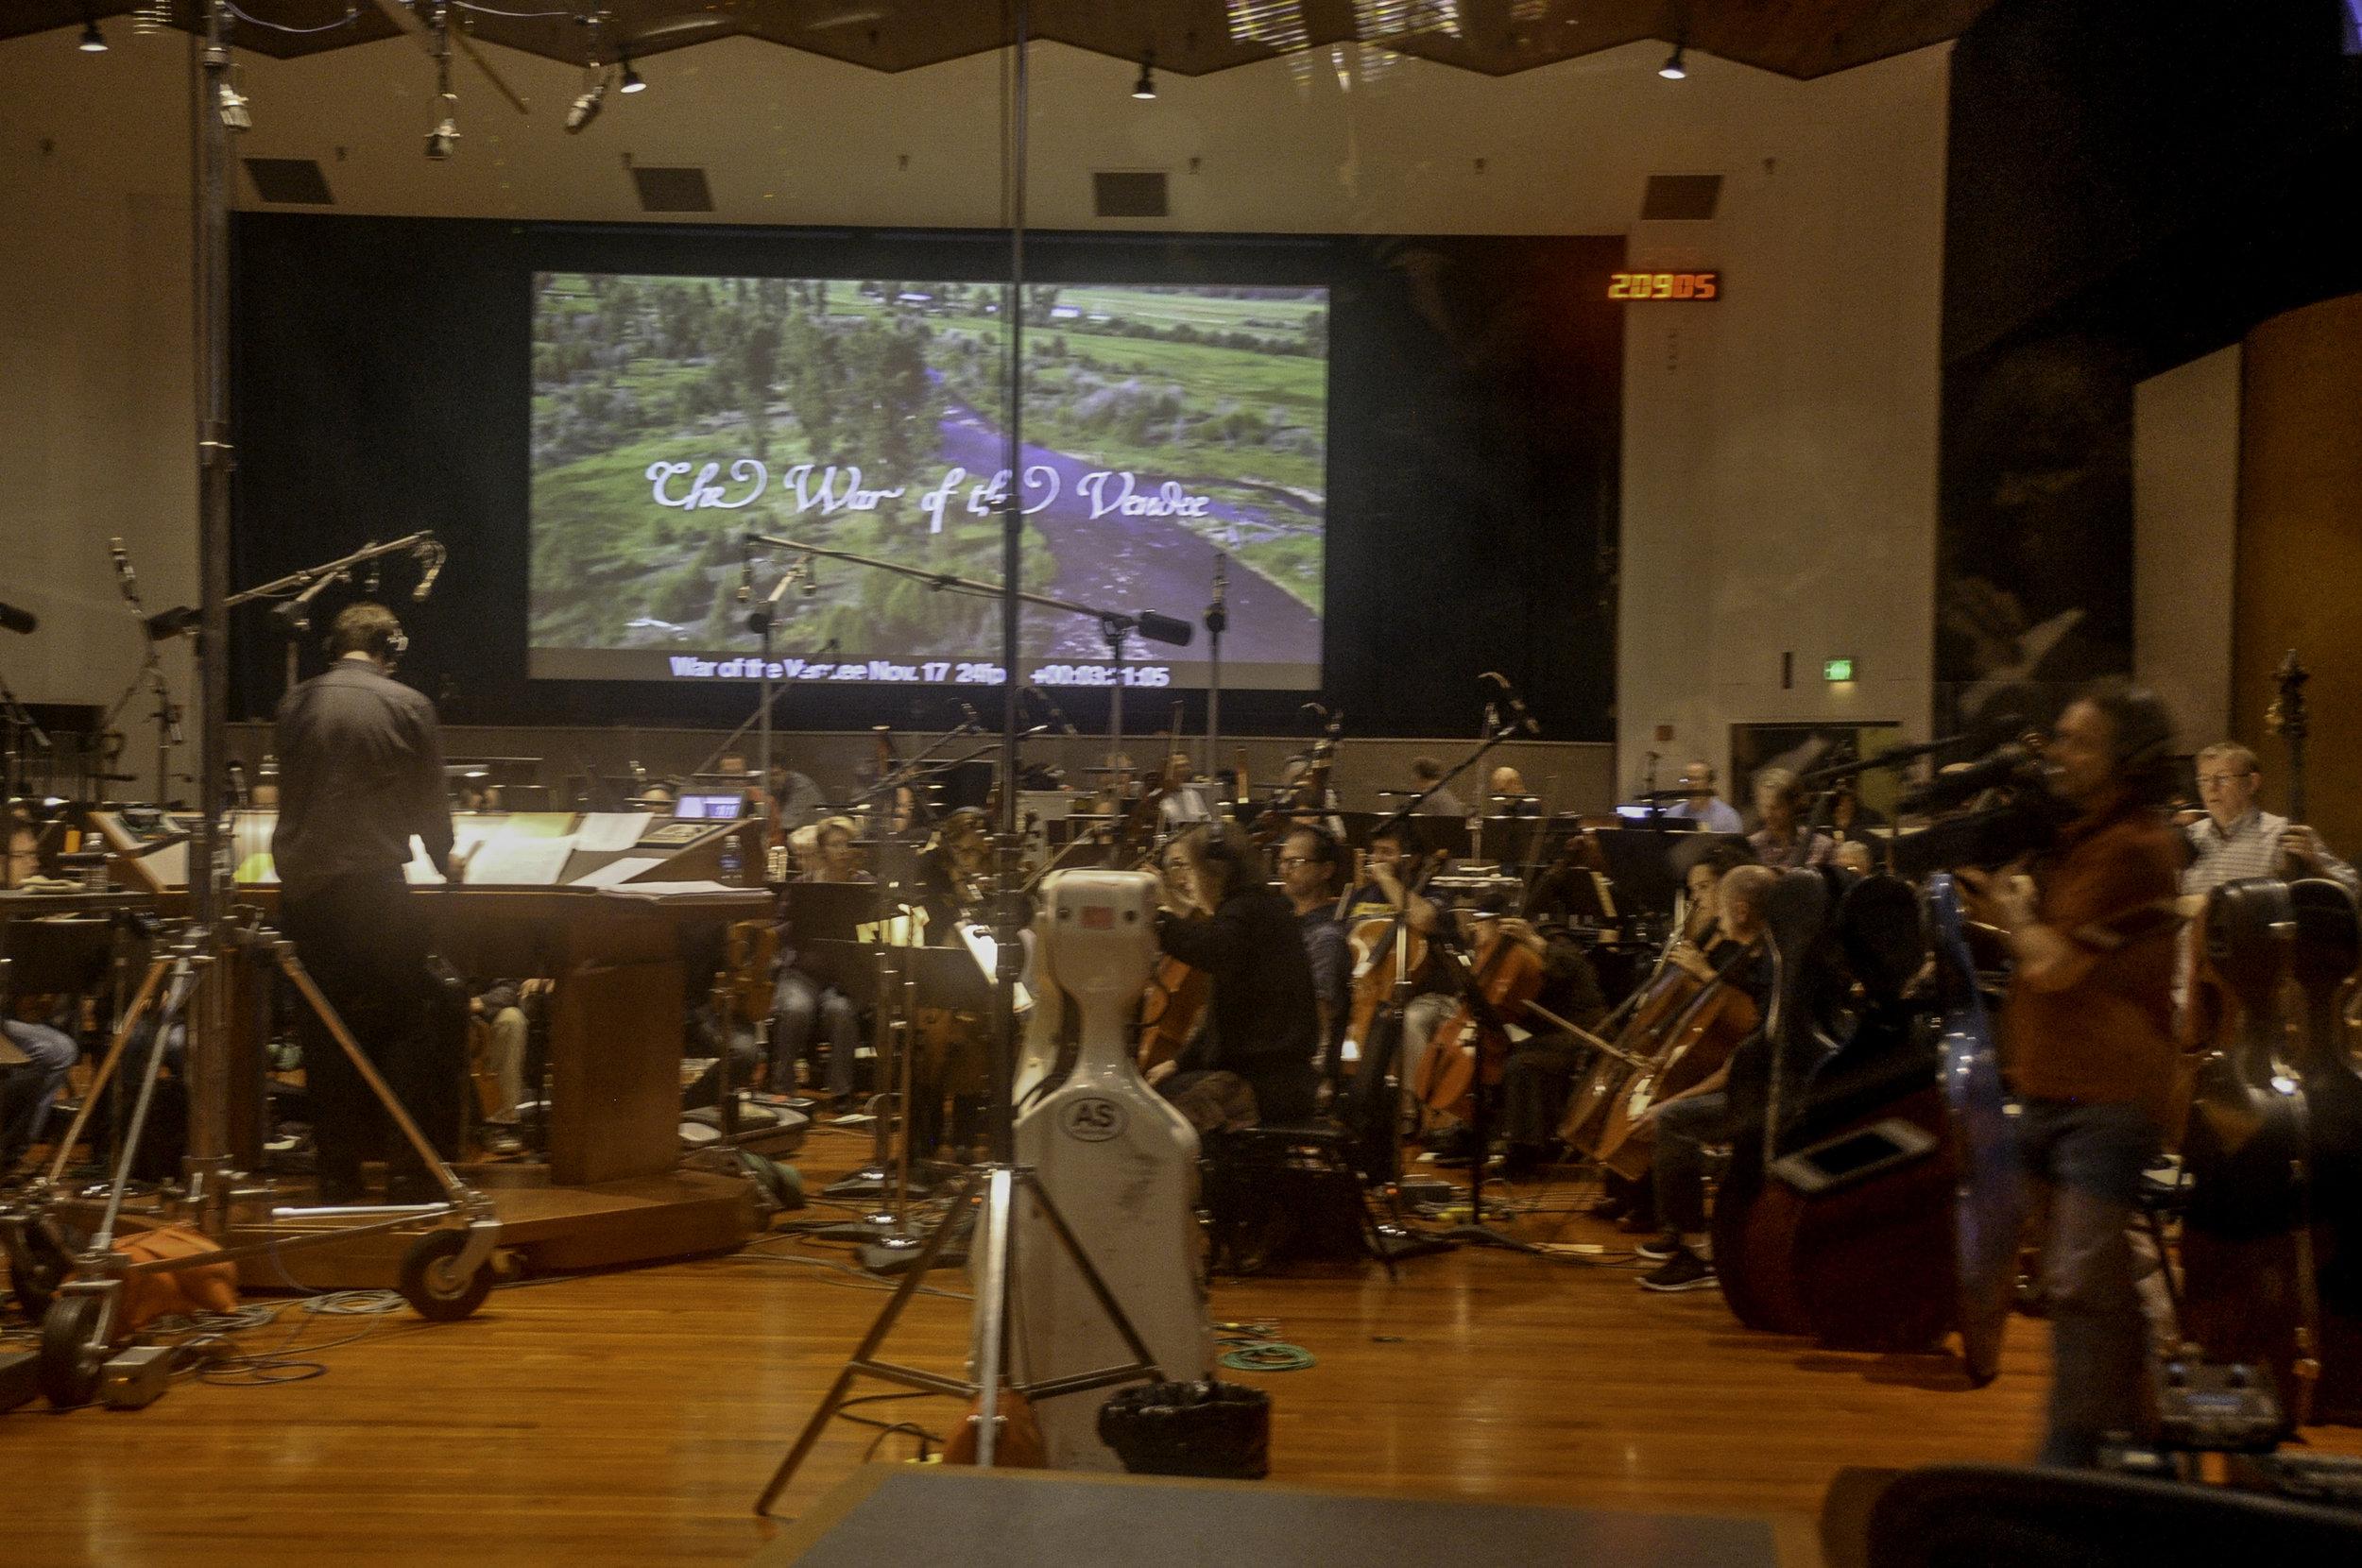 Kaska Conducting at Warner Bros.